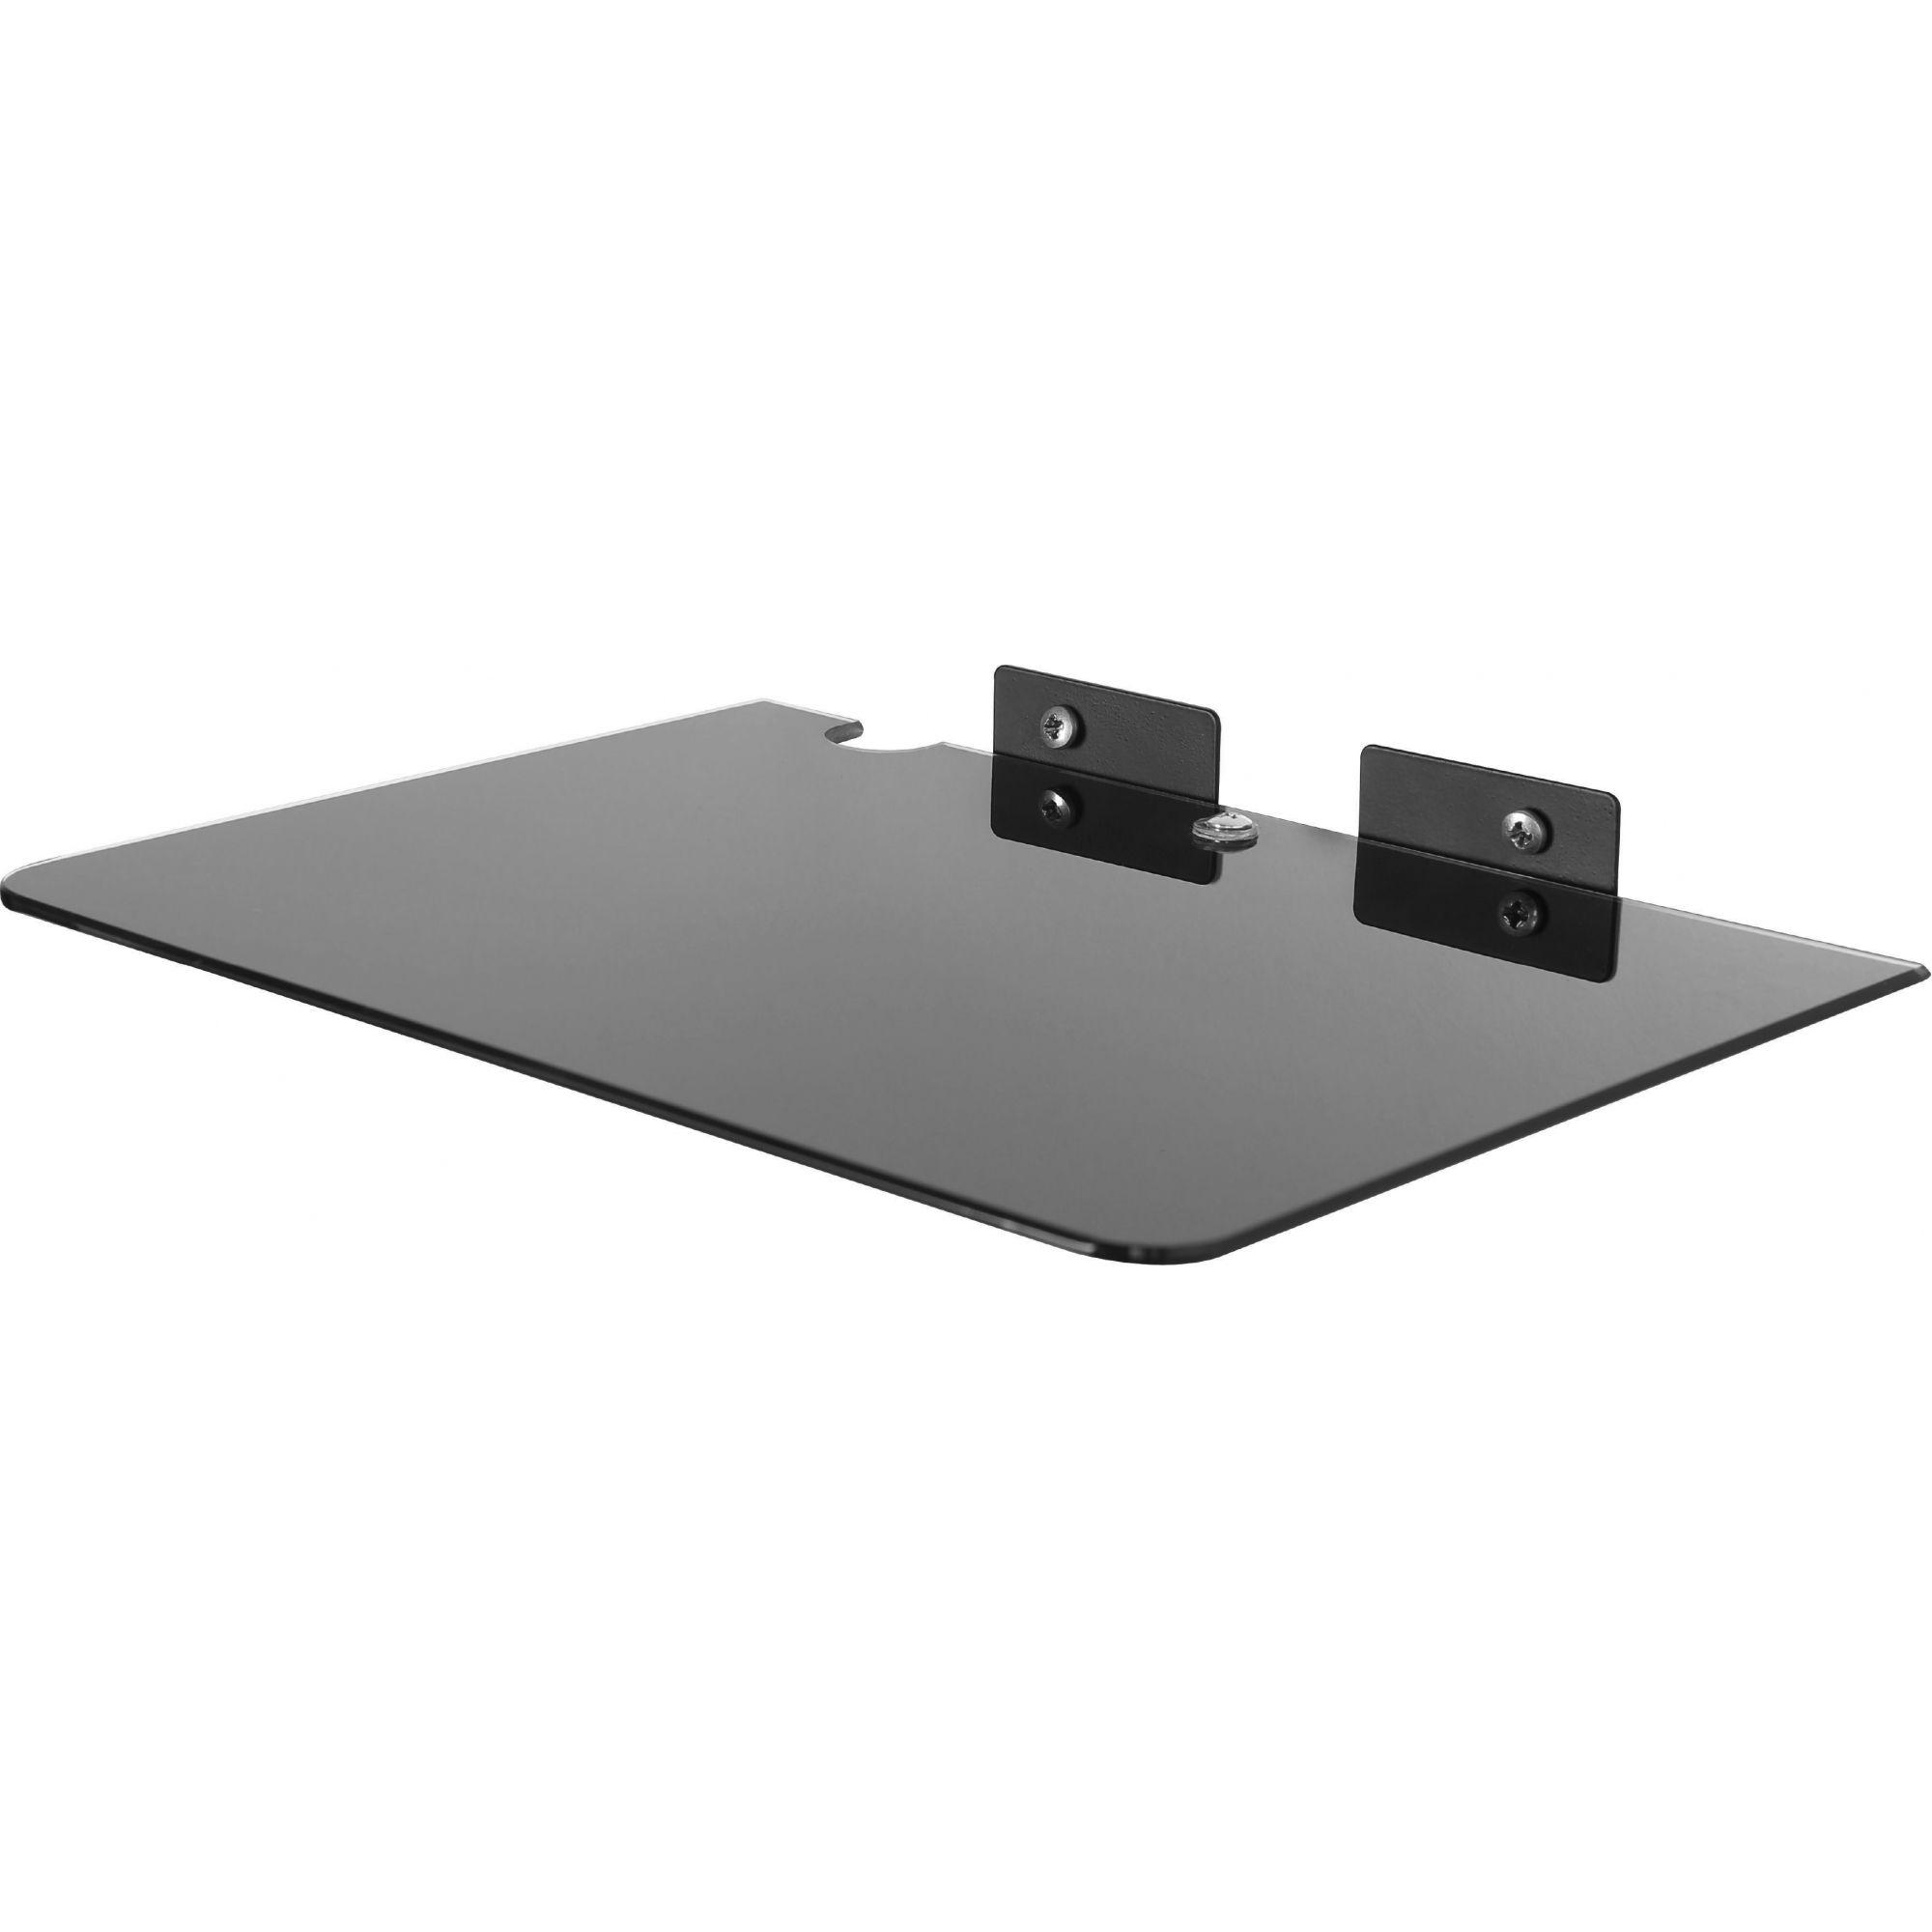 Suporte de parede para Blu-ray/DVD ou acessórios - SDVD 805